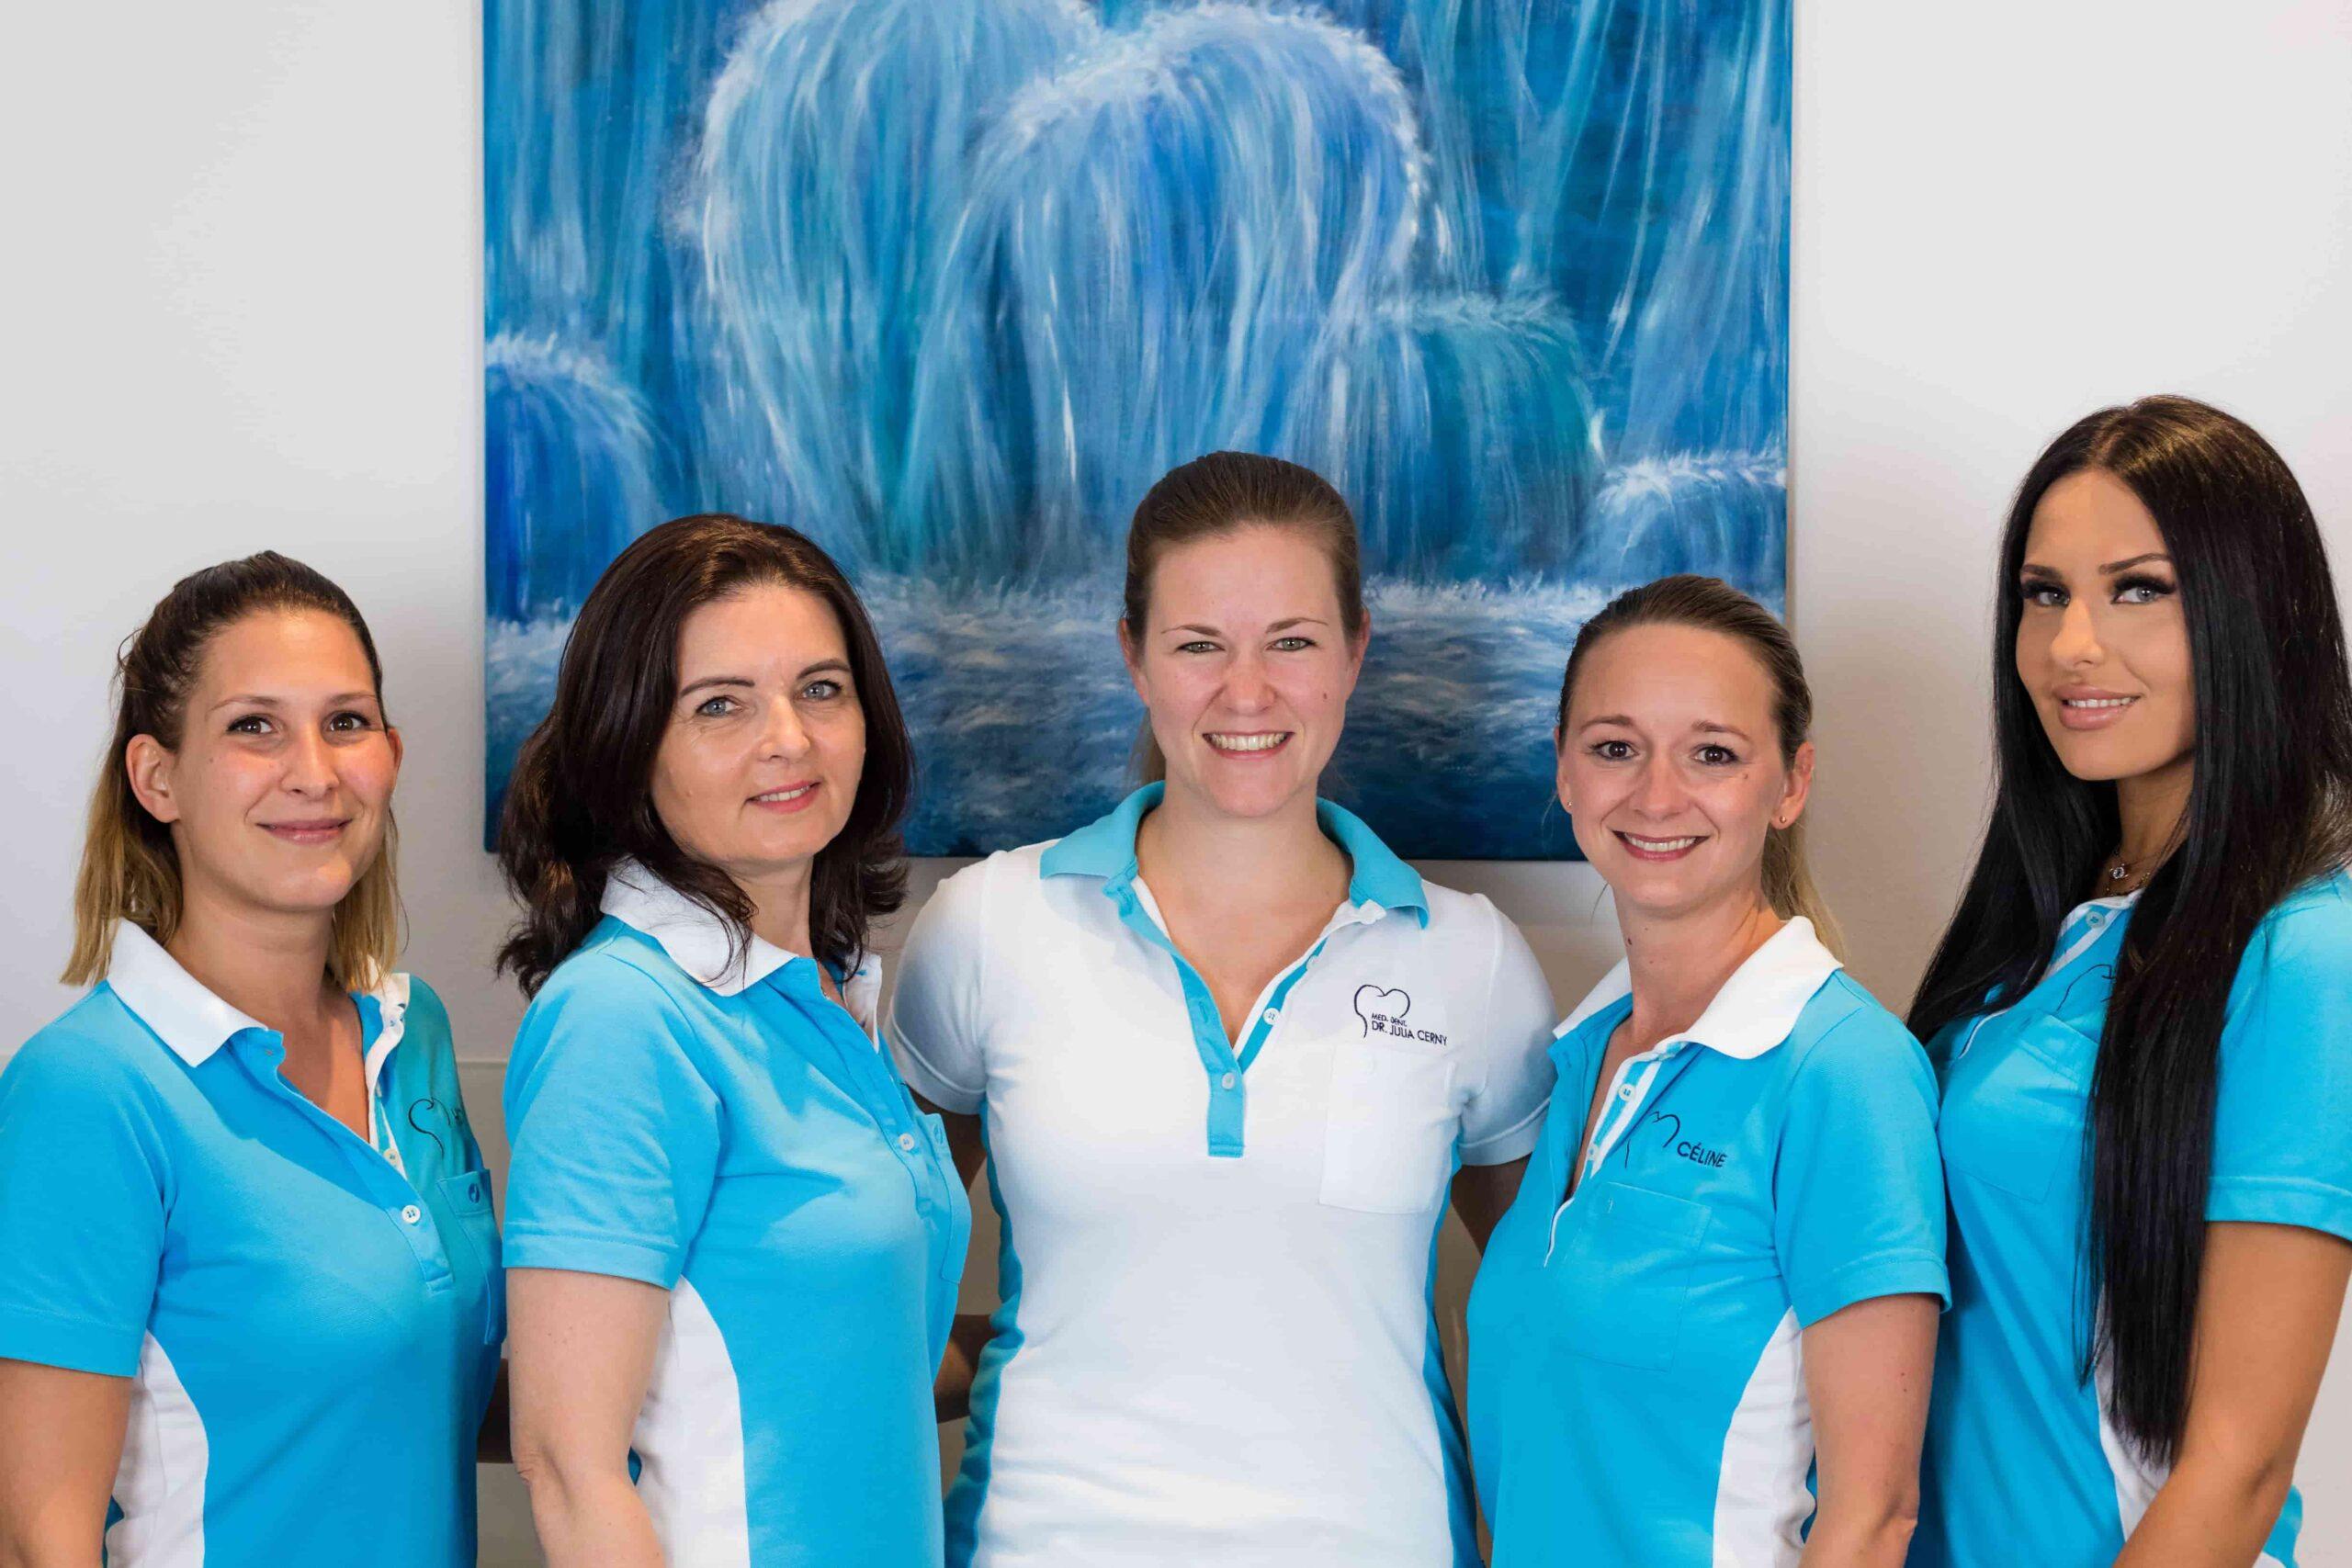 Team Dr Cerny